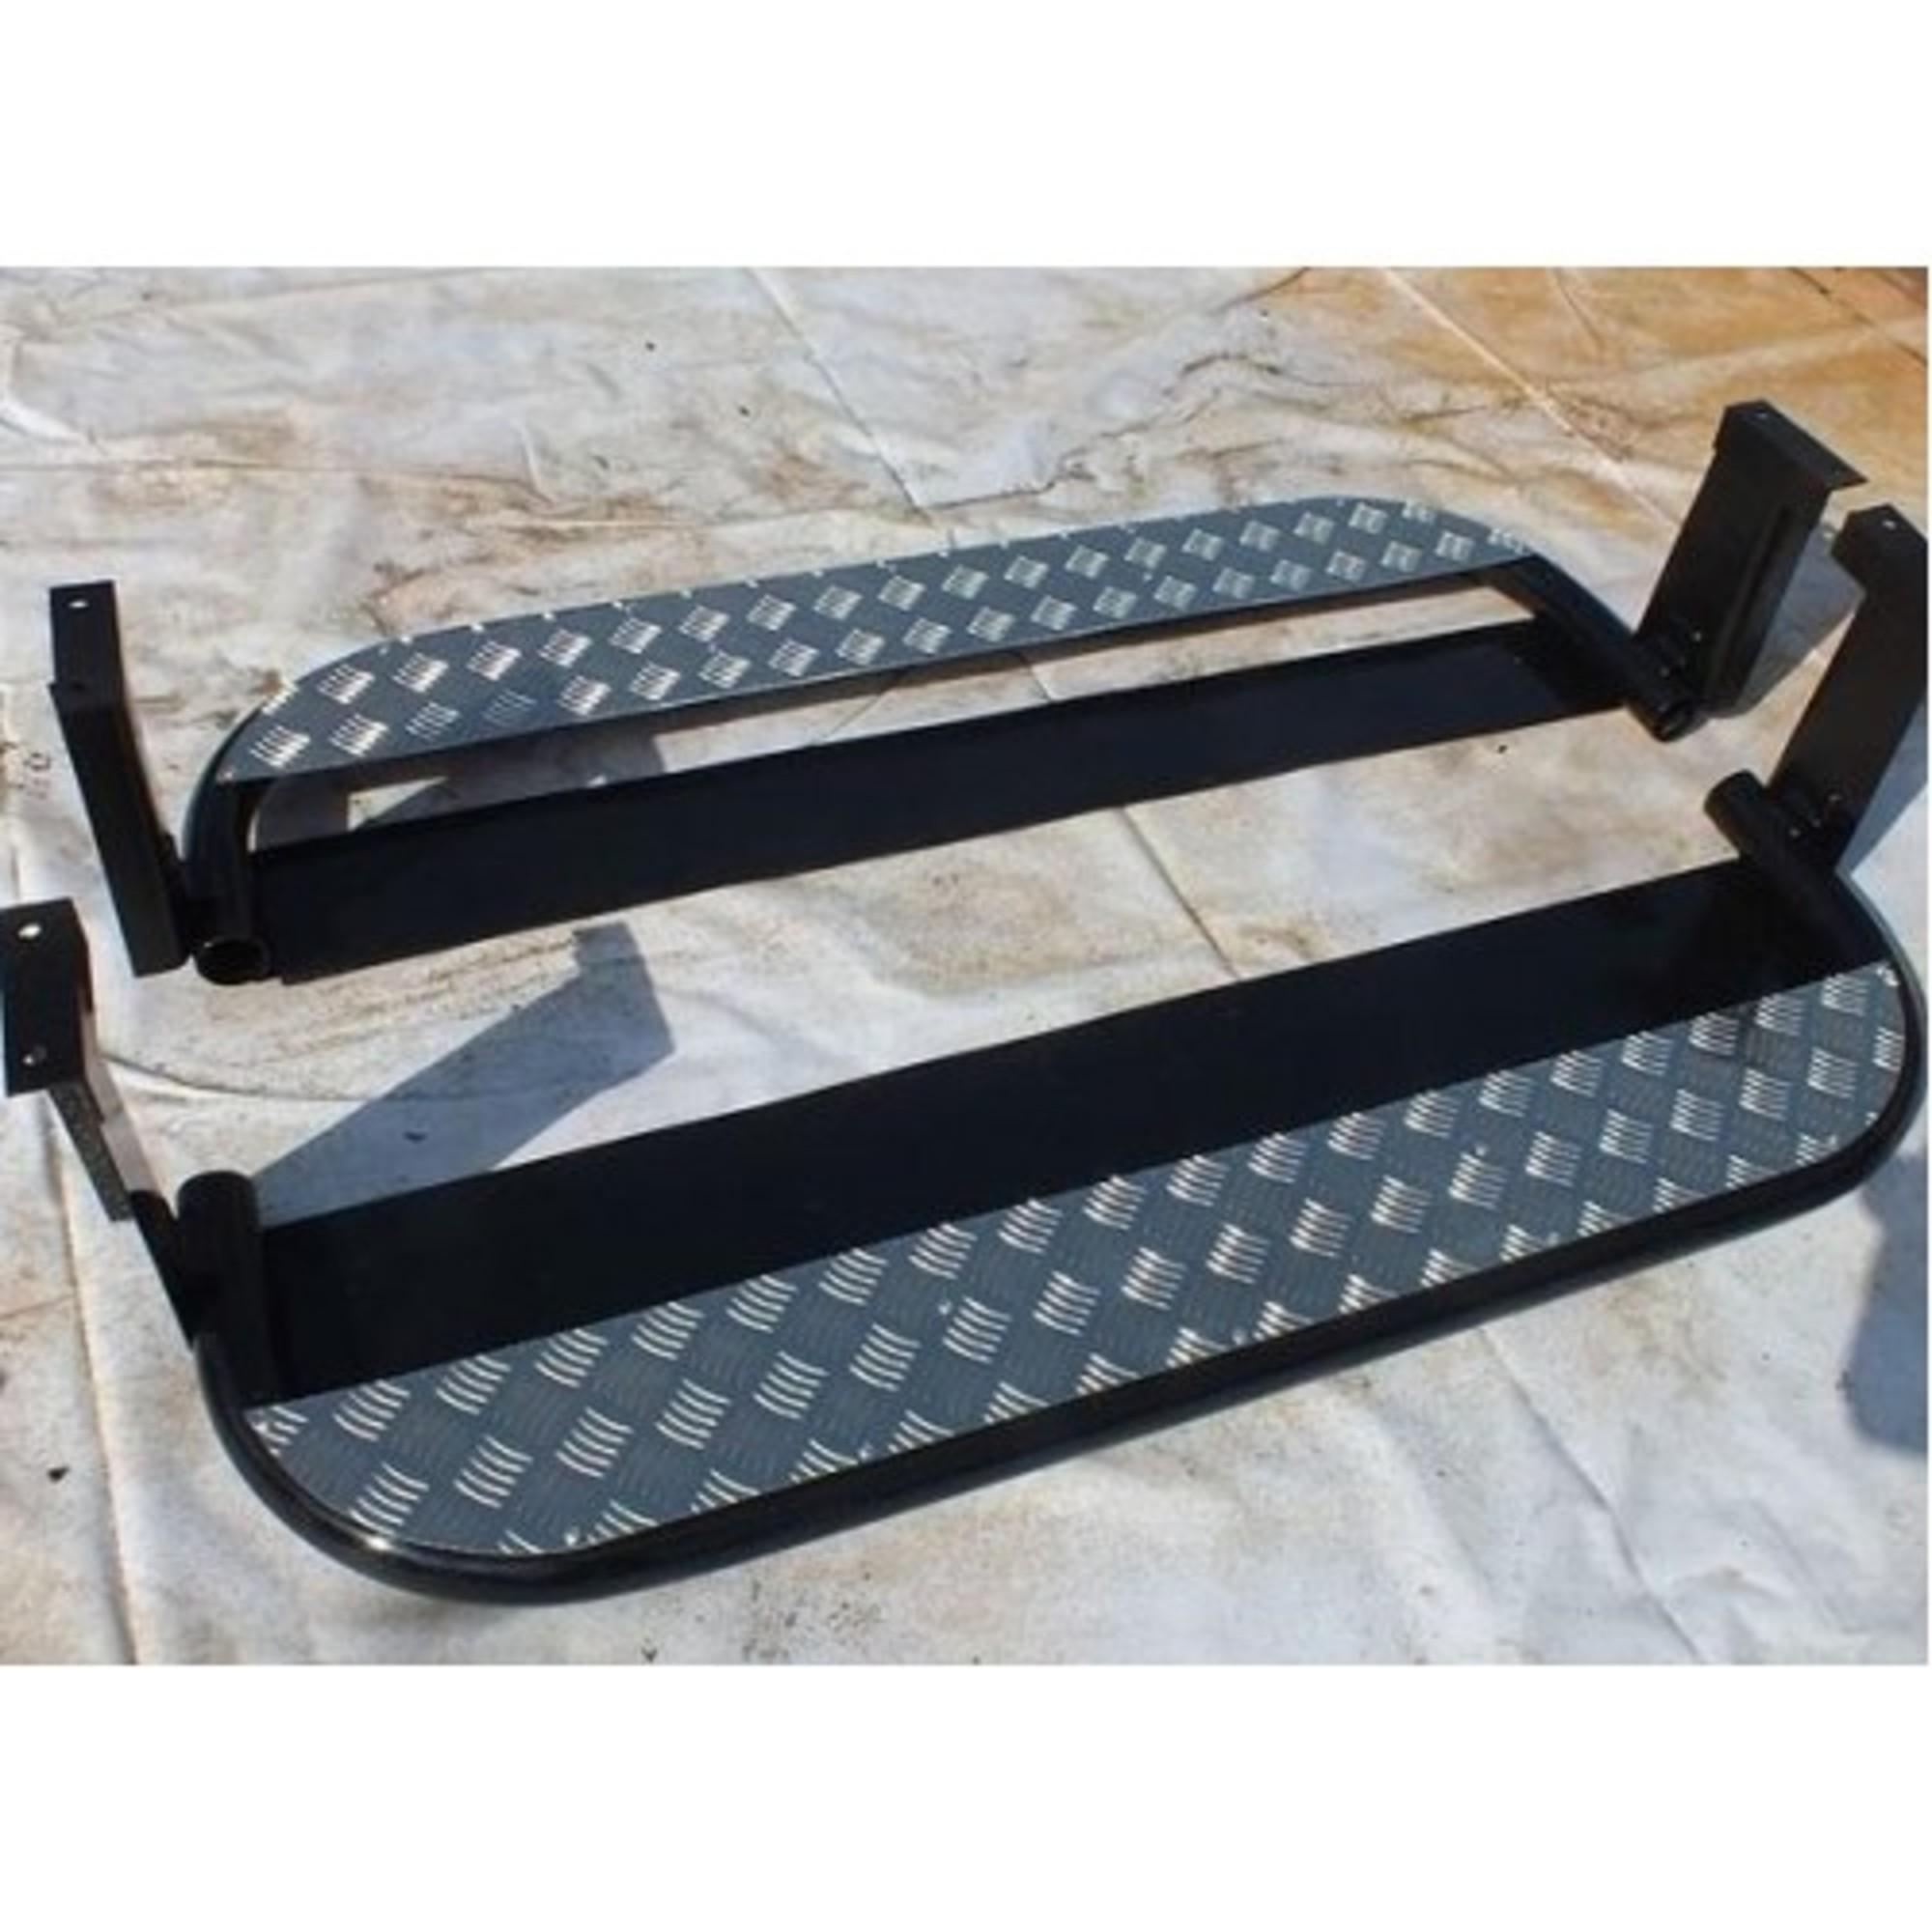 Защита порогов уаз 452 с алюминиевой накладкой с защитой бензобаков